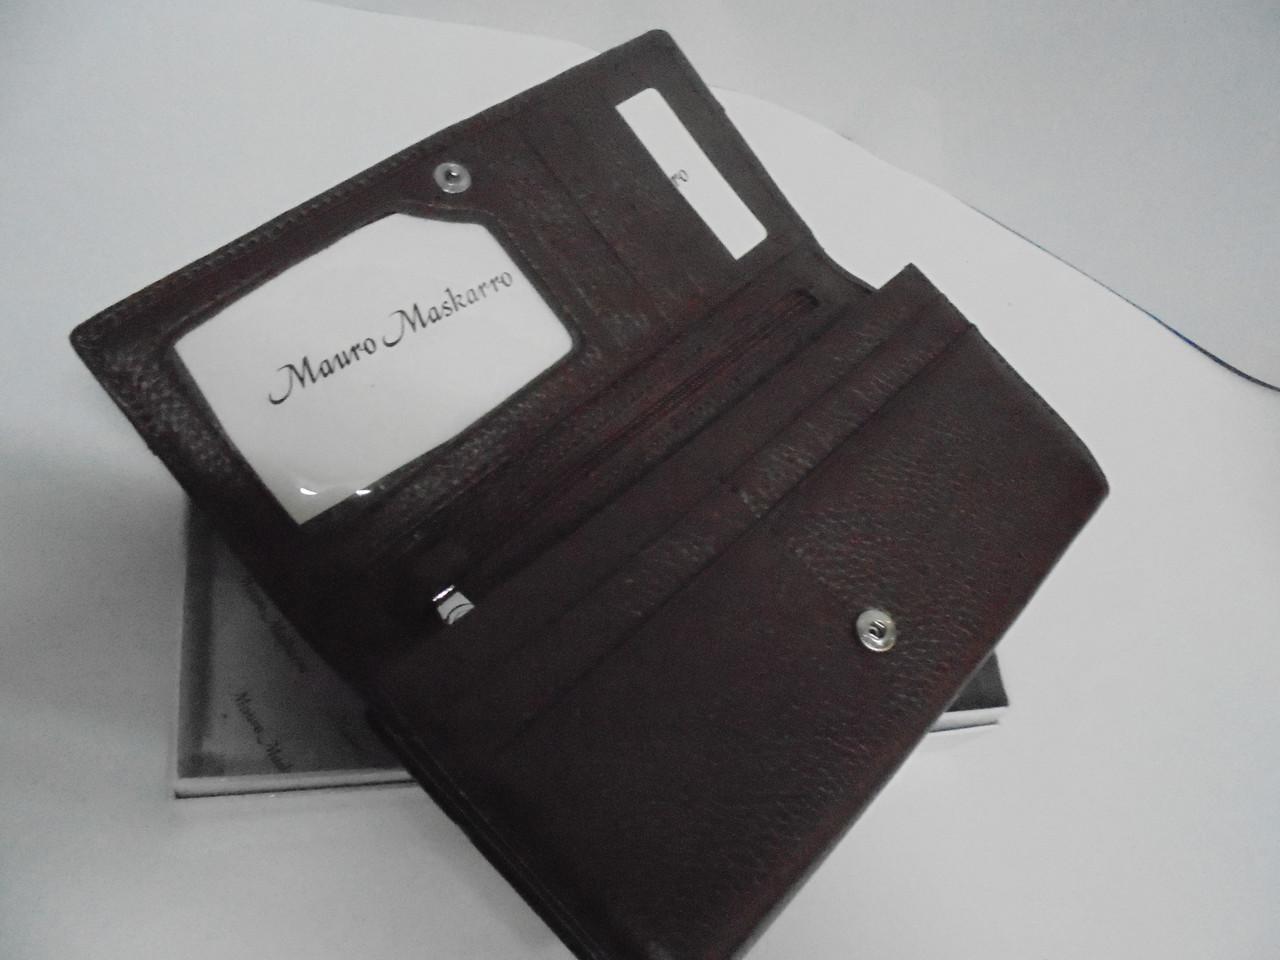 acee590062dd Женский кошелек Mauro Maskarro M4-28253 C, кошельки, оригинальные подарки, женские  кошельки, портмоне,итальян